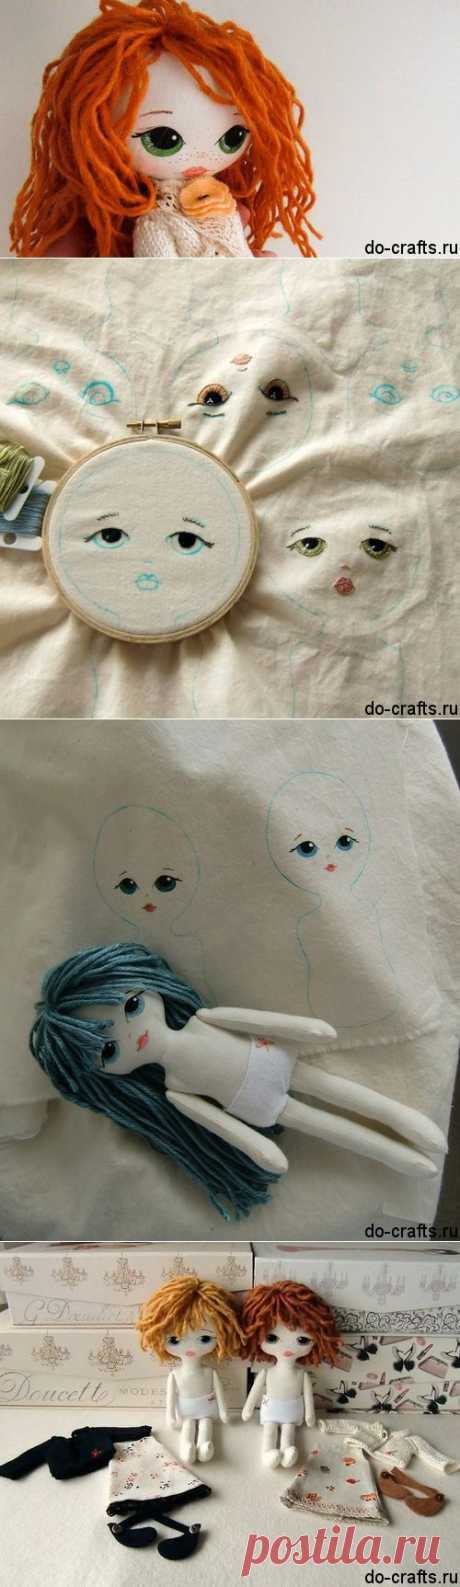 Как сделать куклу из ткани своими руками.